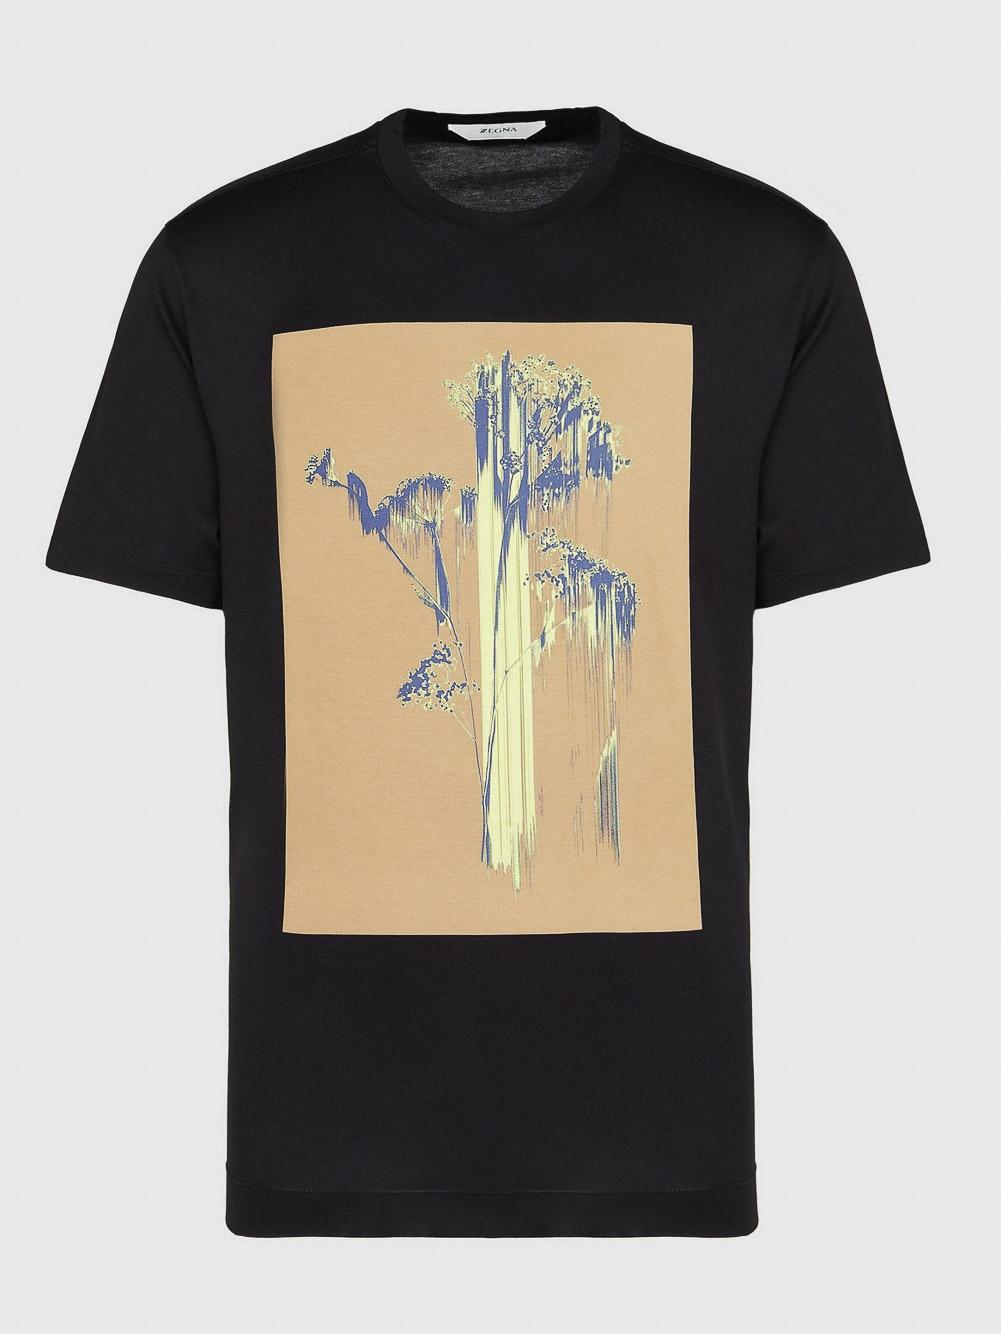 ZEGNA Μπλούζα Τ-shirt VW372 ZZ650H-6H3 ΜΑΥΡΟ